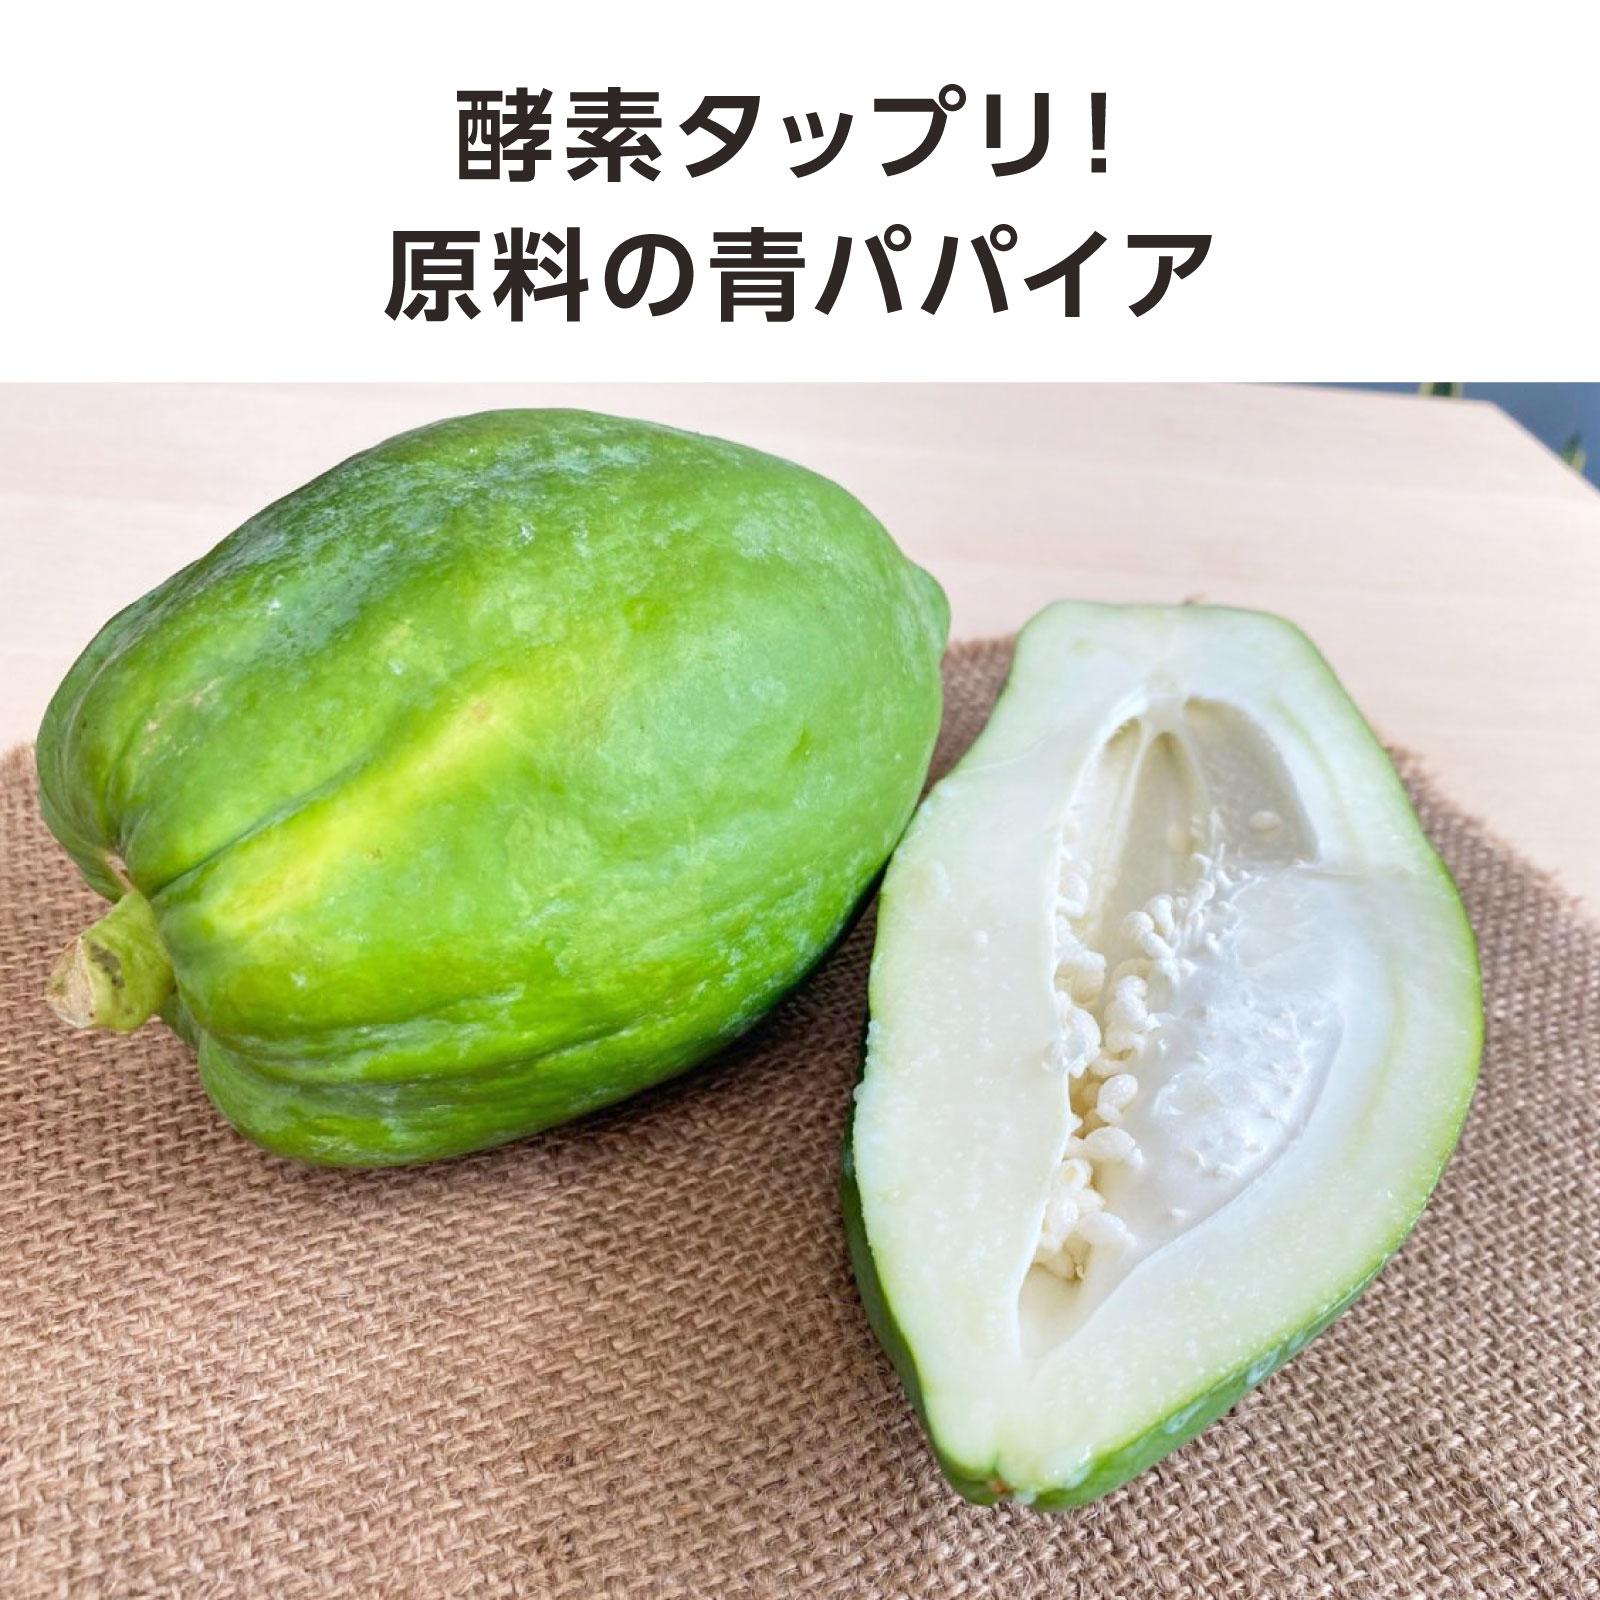 <宮崎県>パパイア王子の青パパイア茶